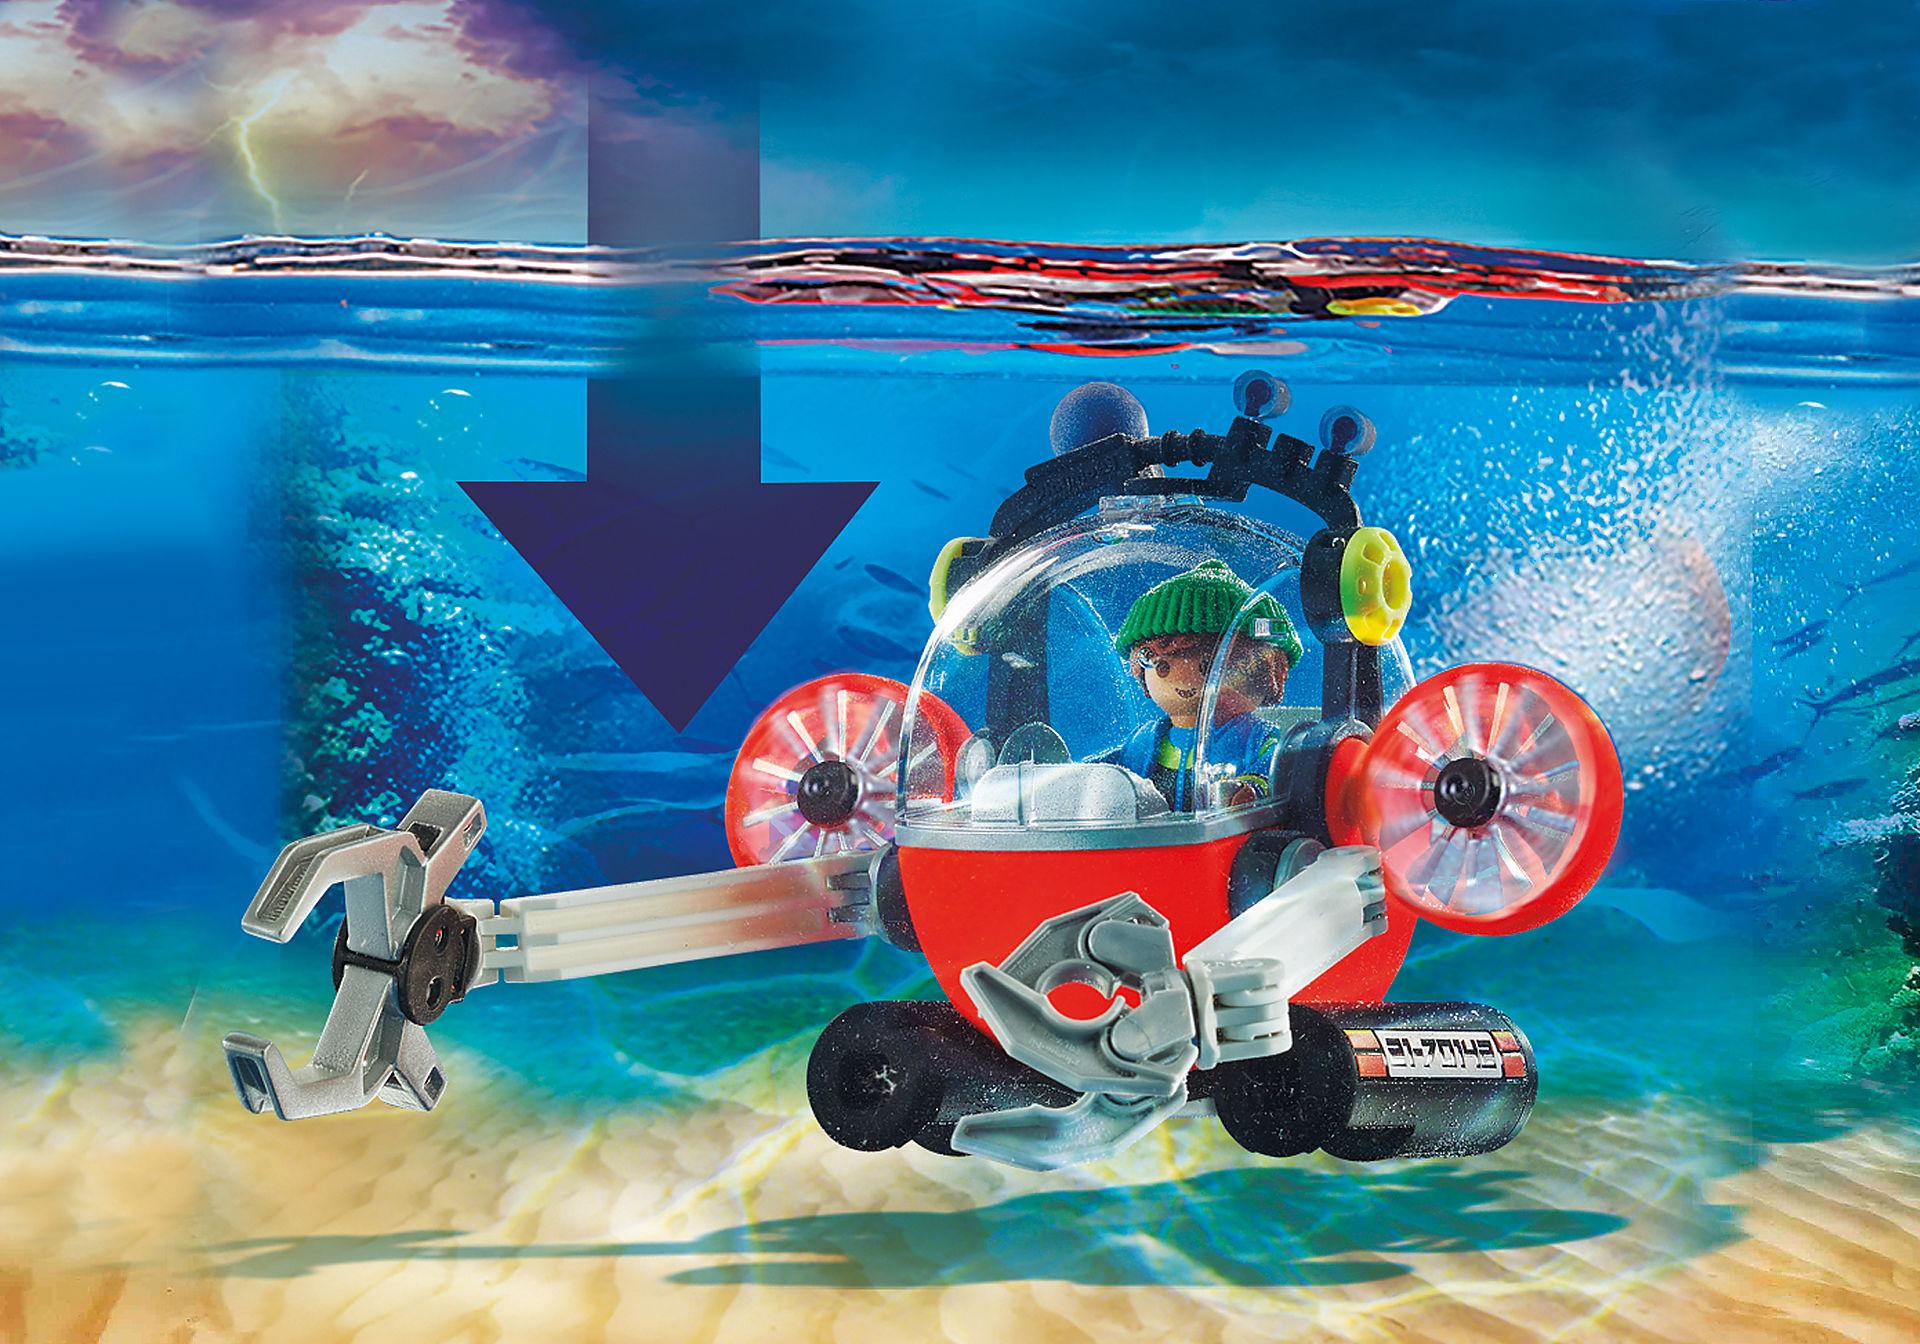 70142 Skibsredning: Miljøindsats med dykkerskib zoom image4